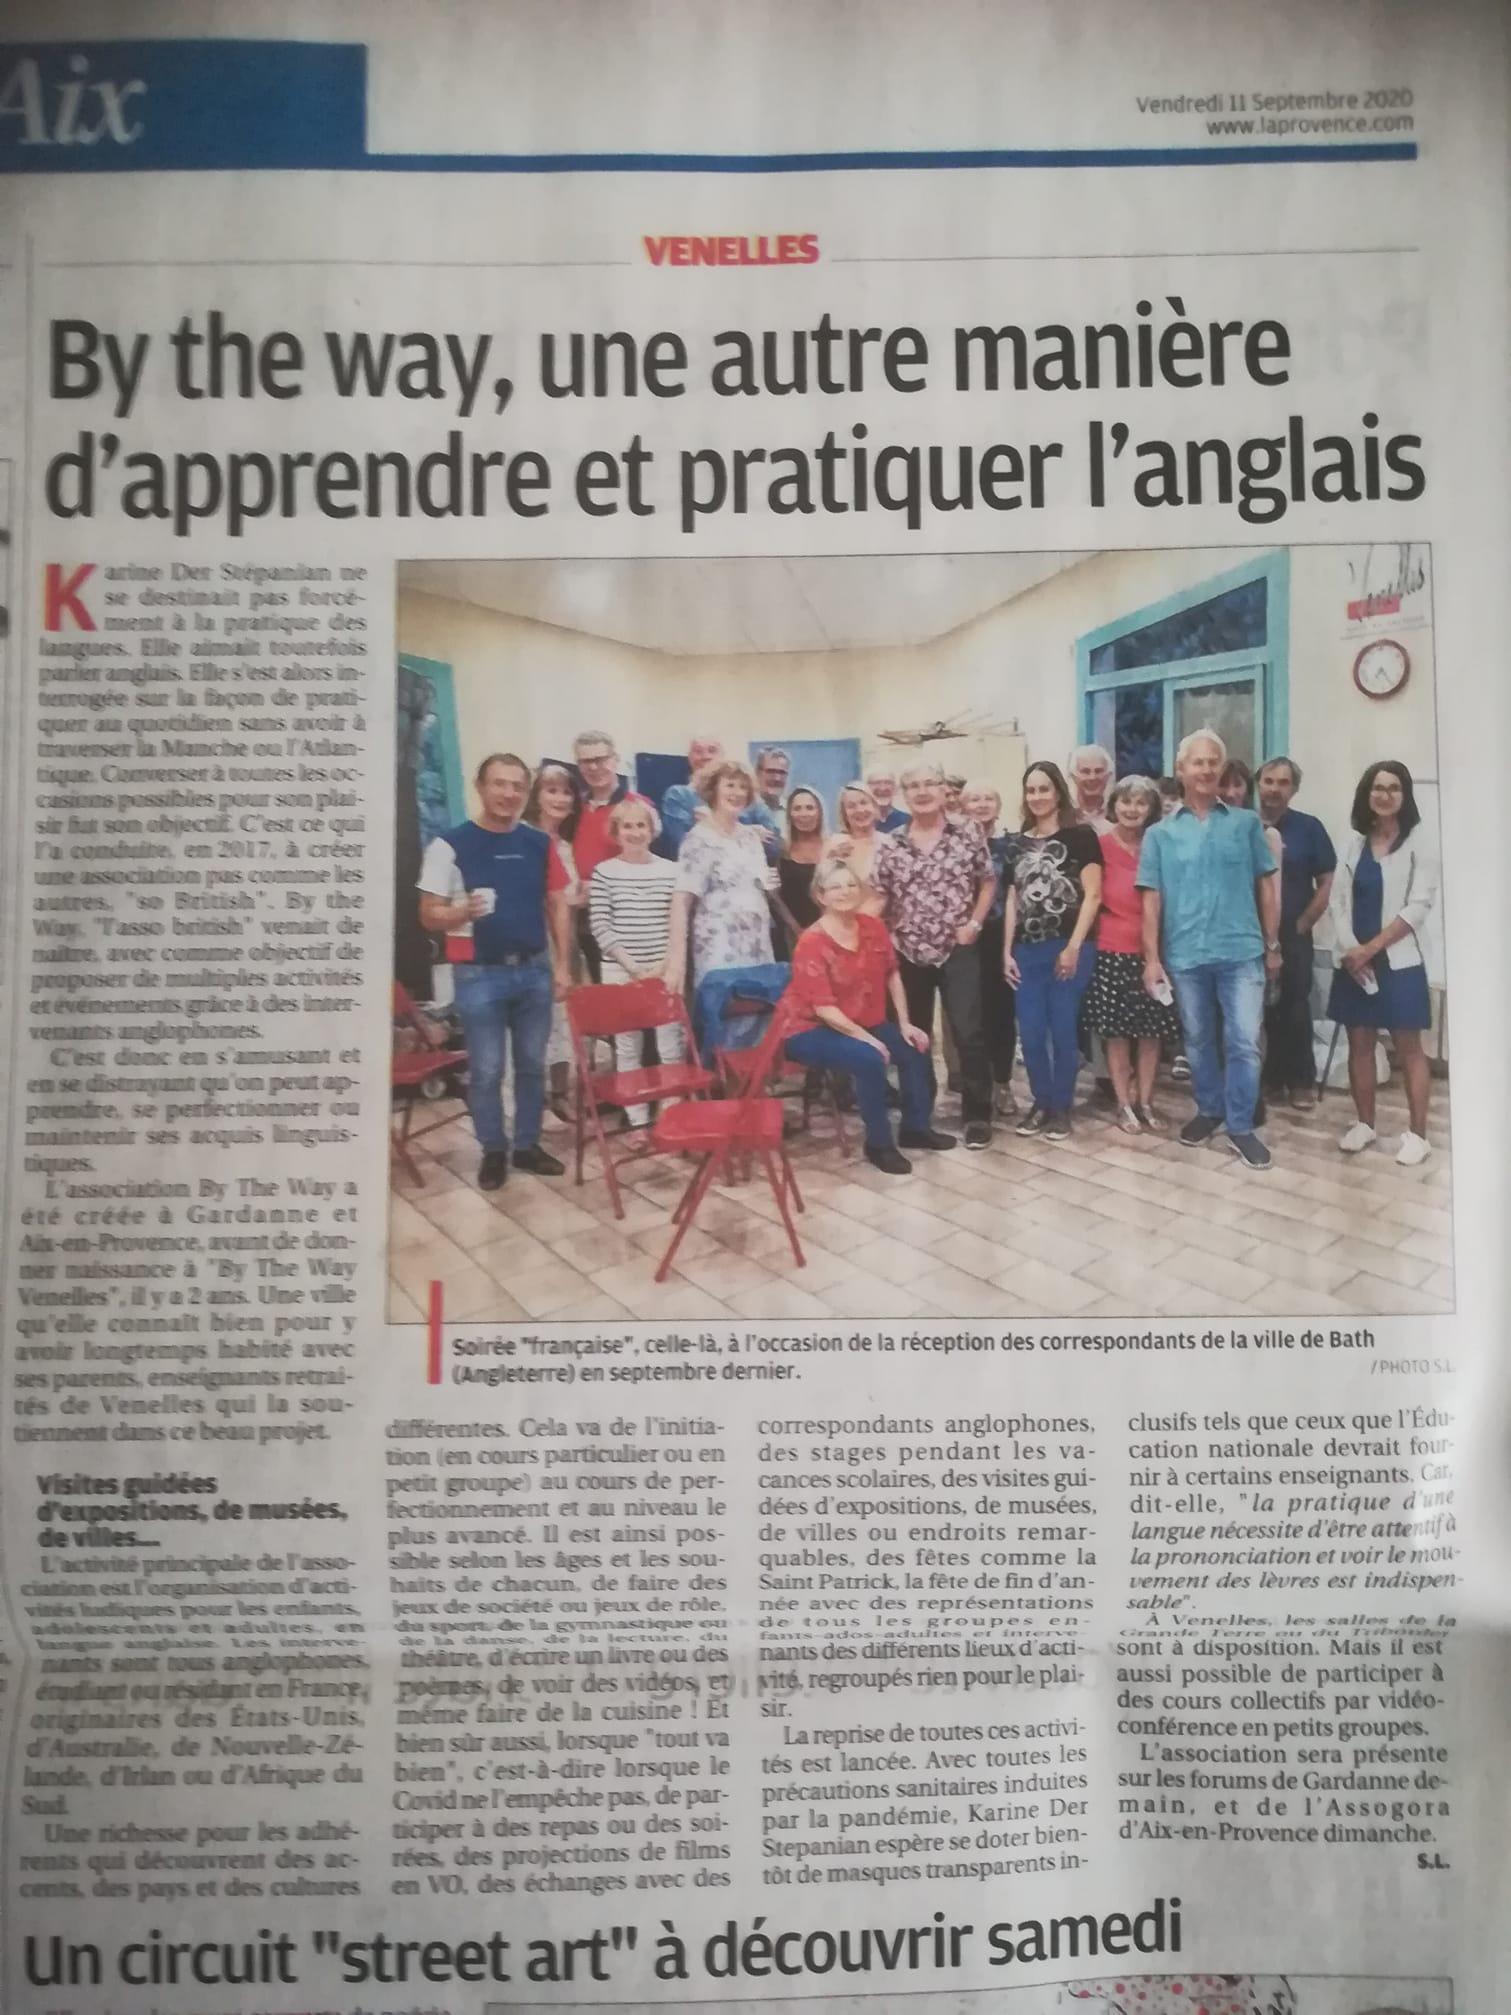 By The Way Venelles dans La Provence